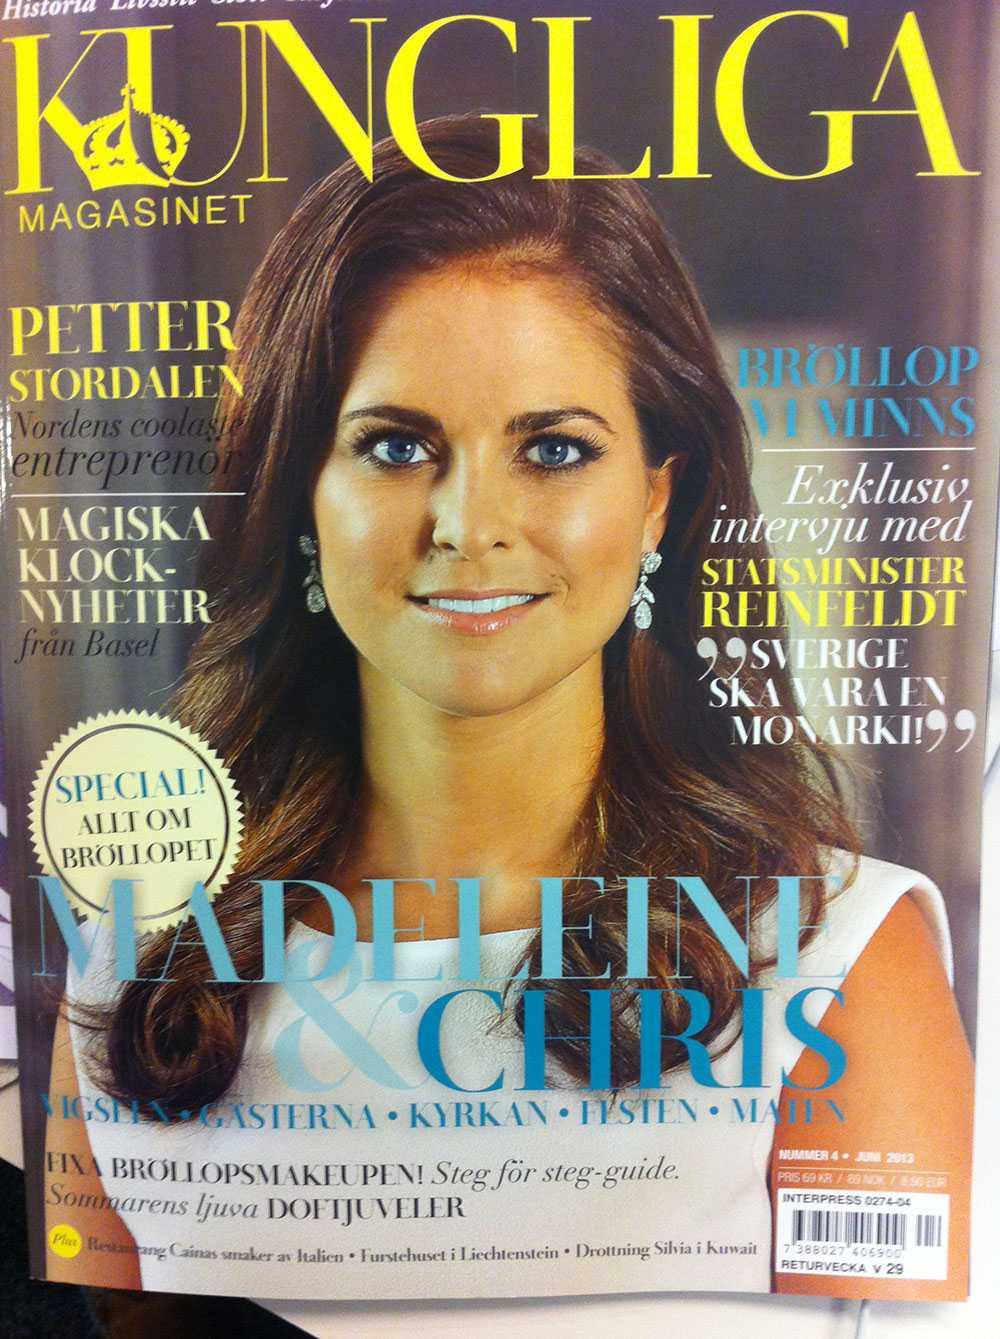 Fredrik Reinfeldt är intervjuad i senaste numret av tidningen Kungliga Magasinet.